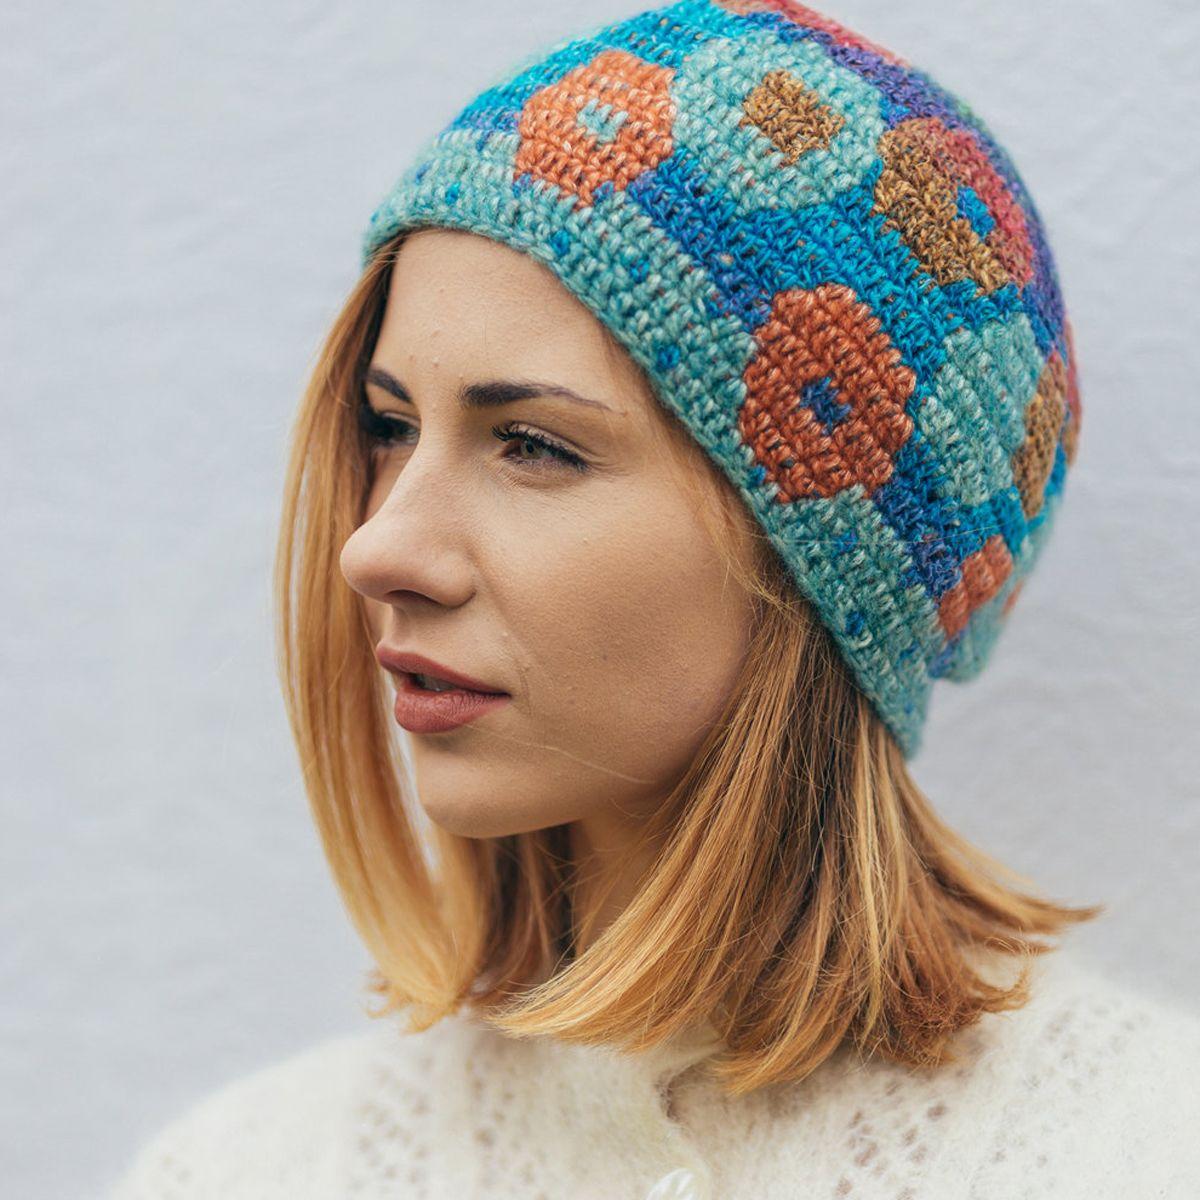 Tija Crochet | Knitted crocheted hats. Adītas, tamborētas cepures ...